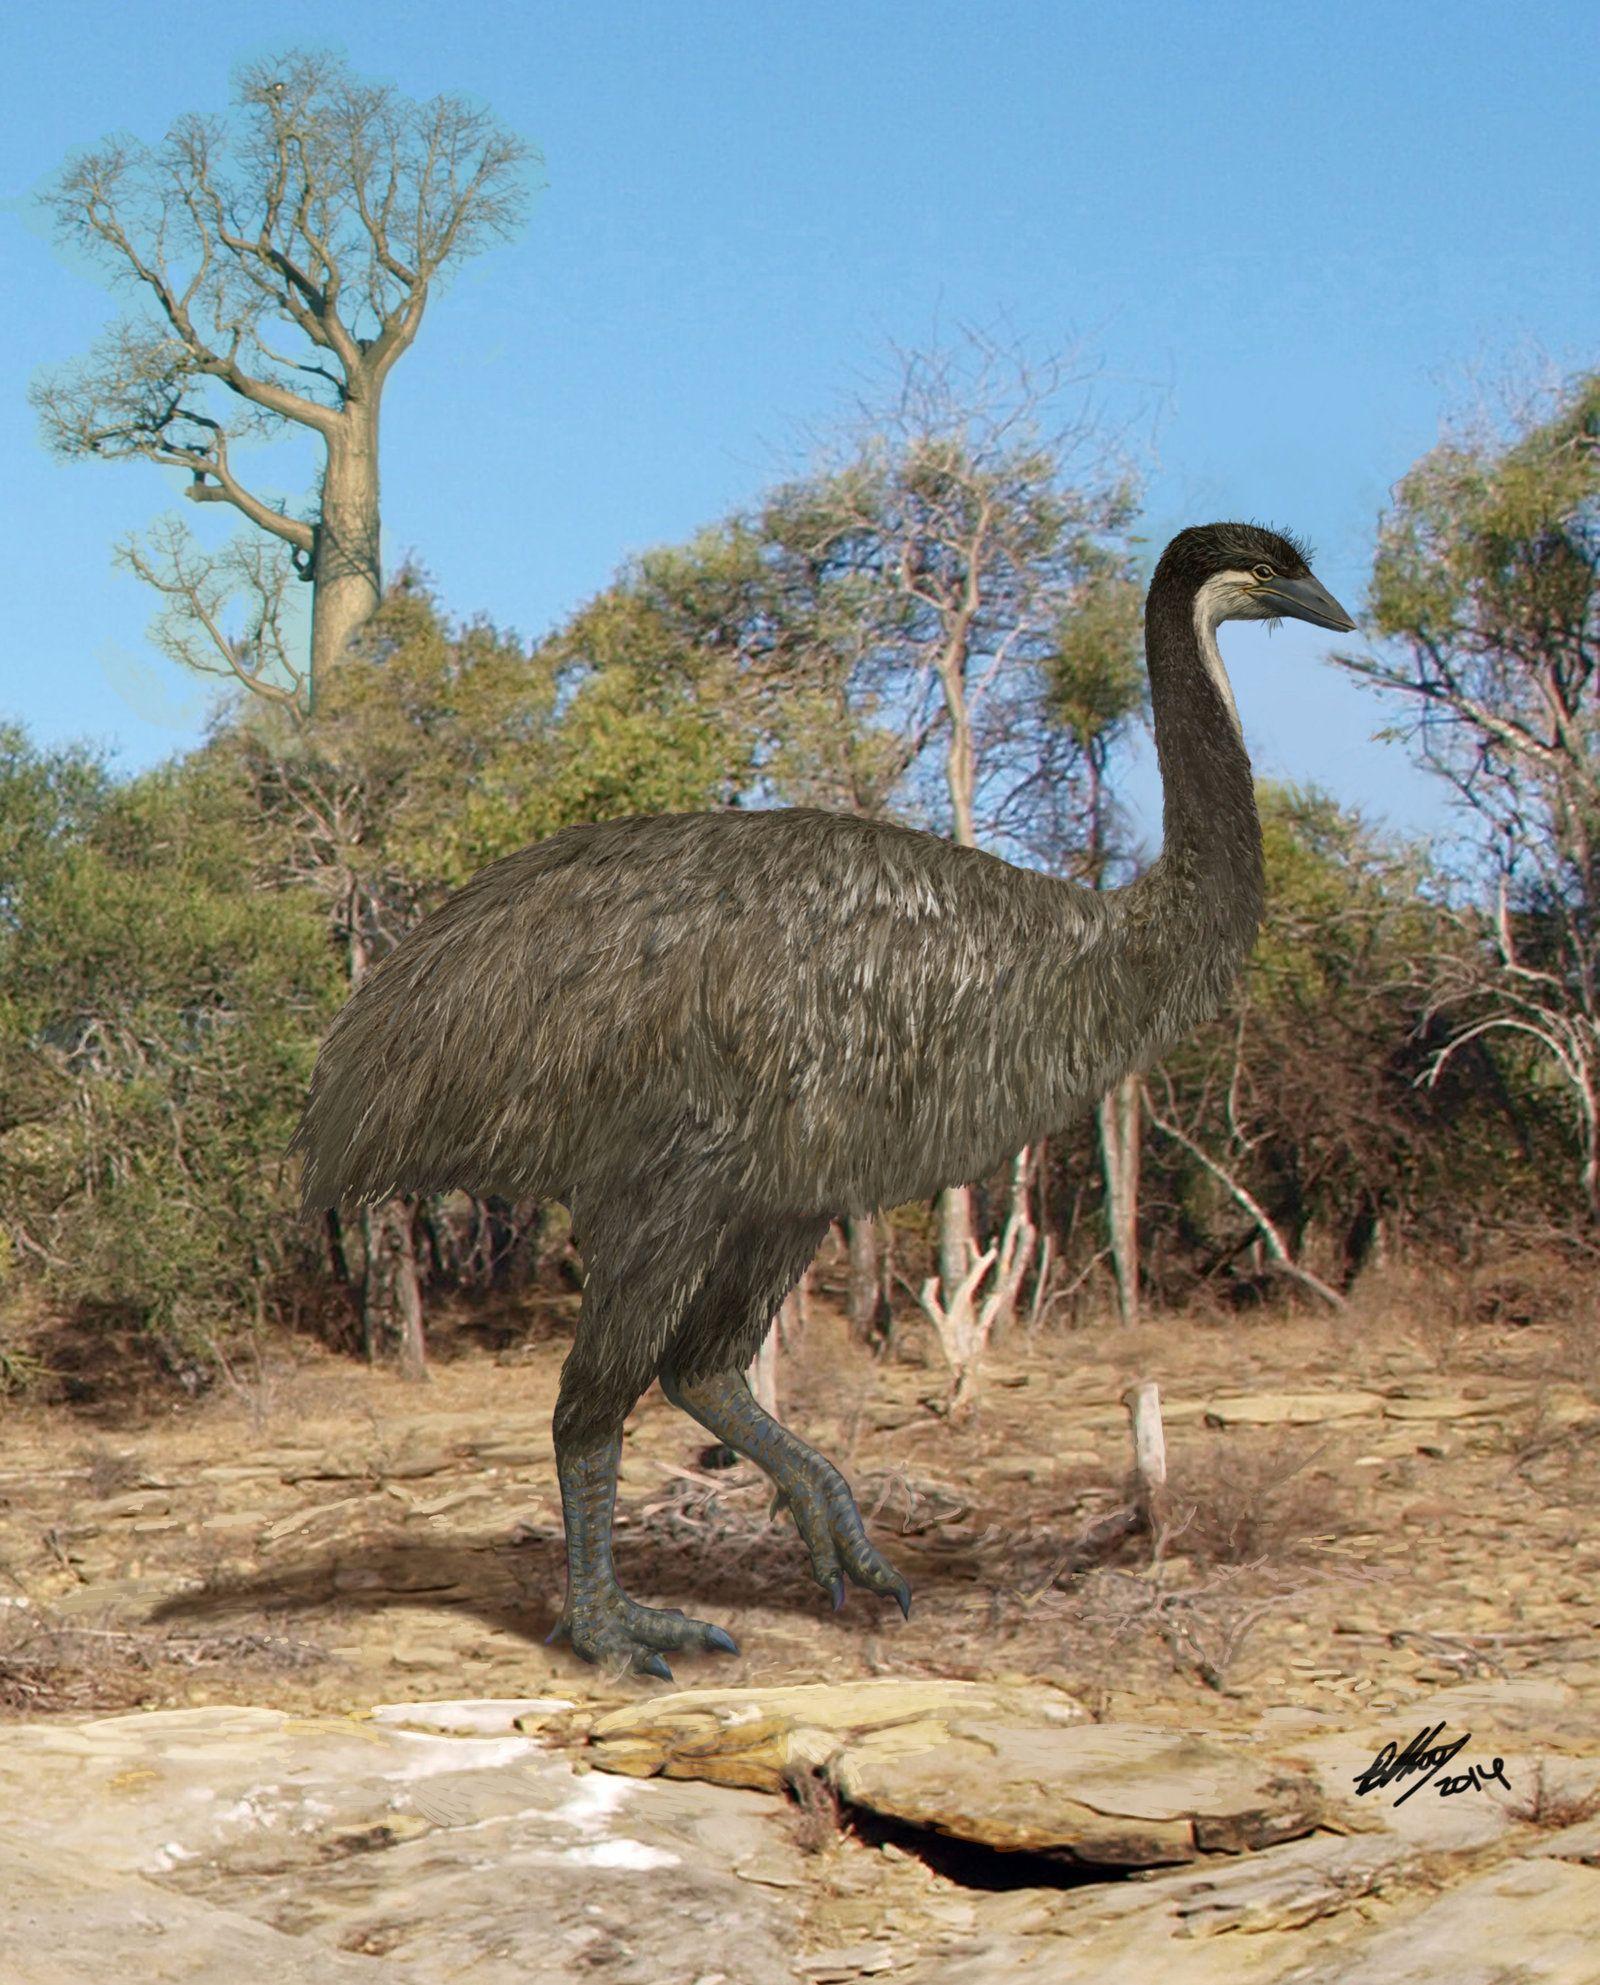 その1つ、その名も英名で象鳥(elephant  bird)と呼ばれるエピオルニス(想像図)は、遙かなる近縁種のティラノサウルス・レックスの絶滅以降、新生代(6500万年